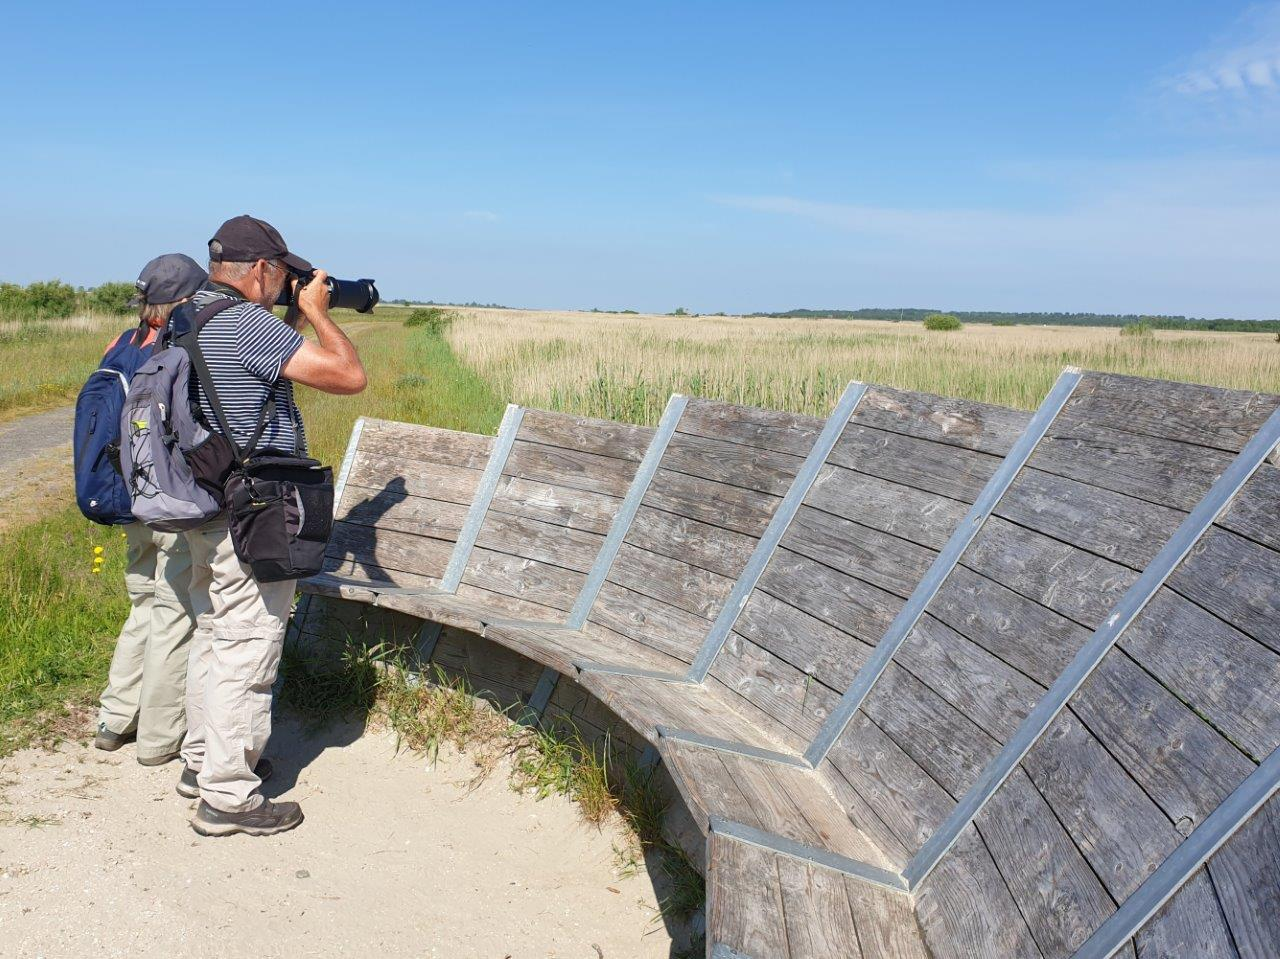 Rietvogels fotograferen